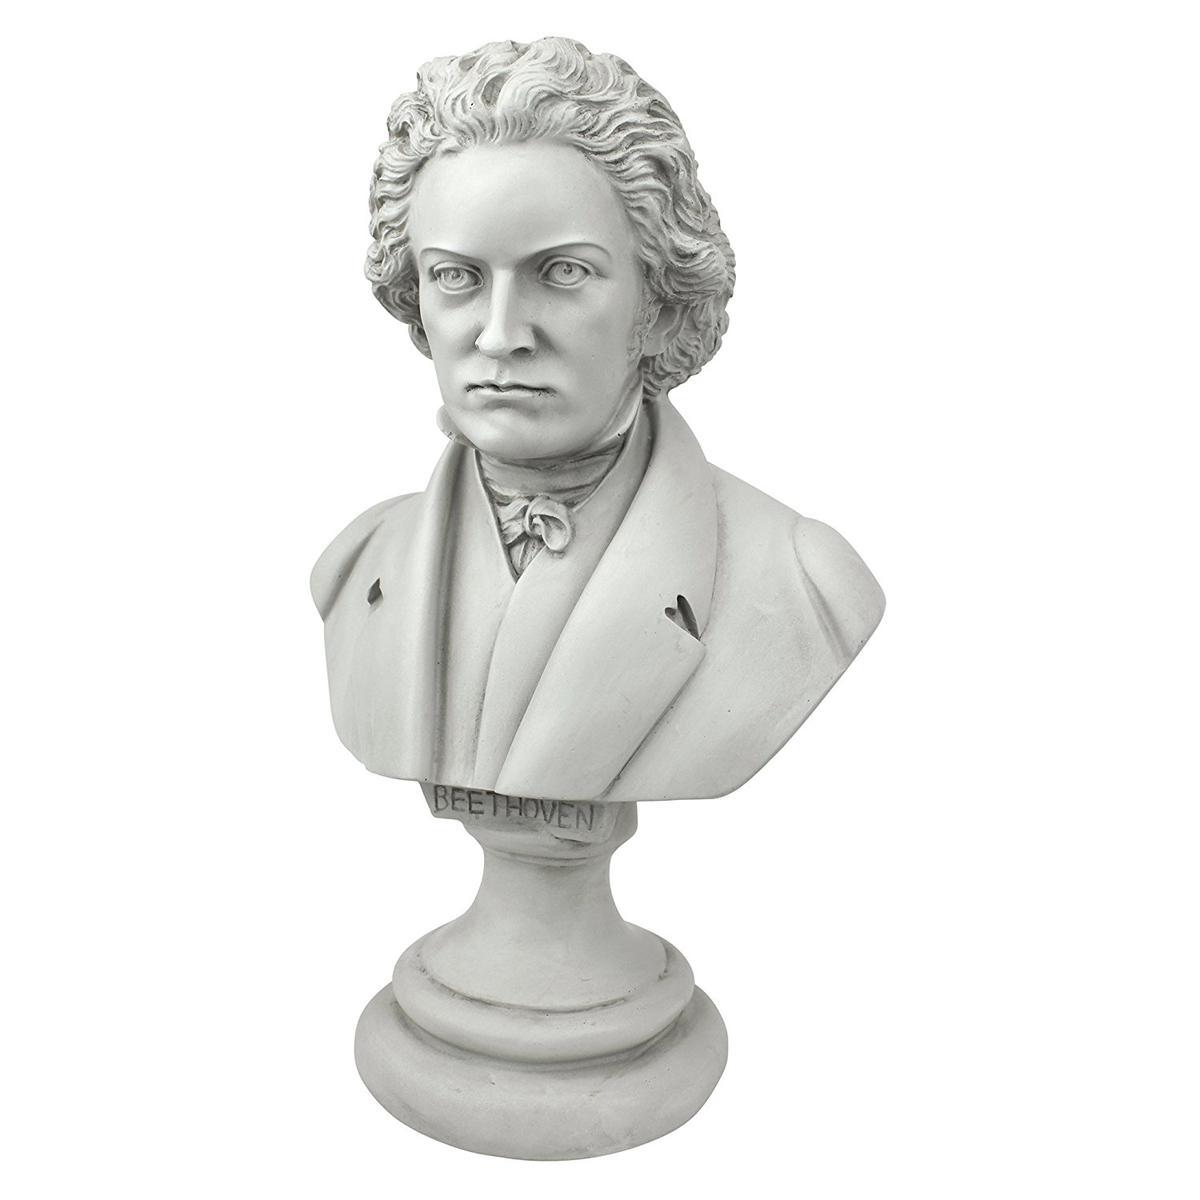 アート インテリア 飾り 彫刻 オブジェ 石像 置物 音楽家 ベートーベン